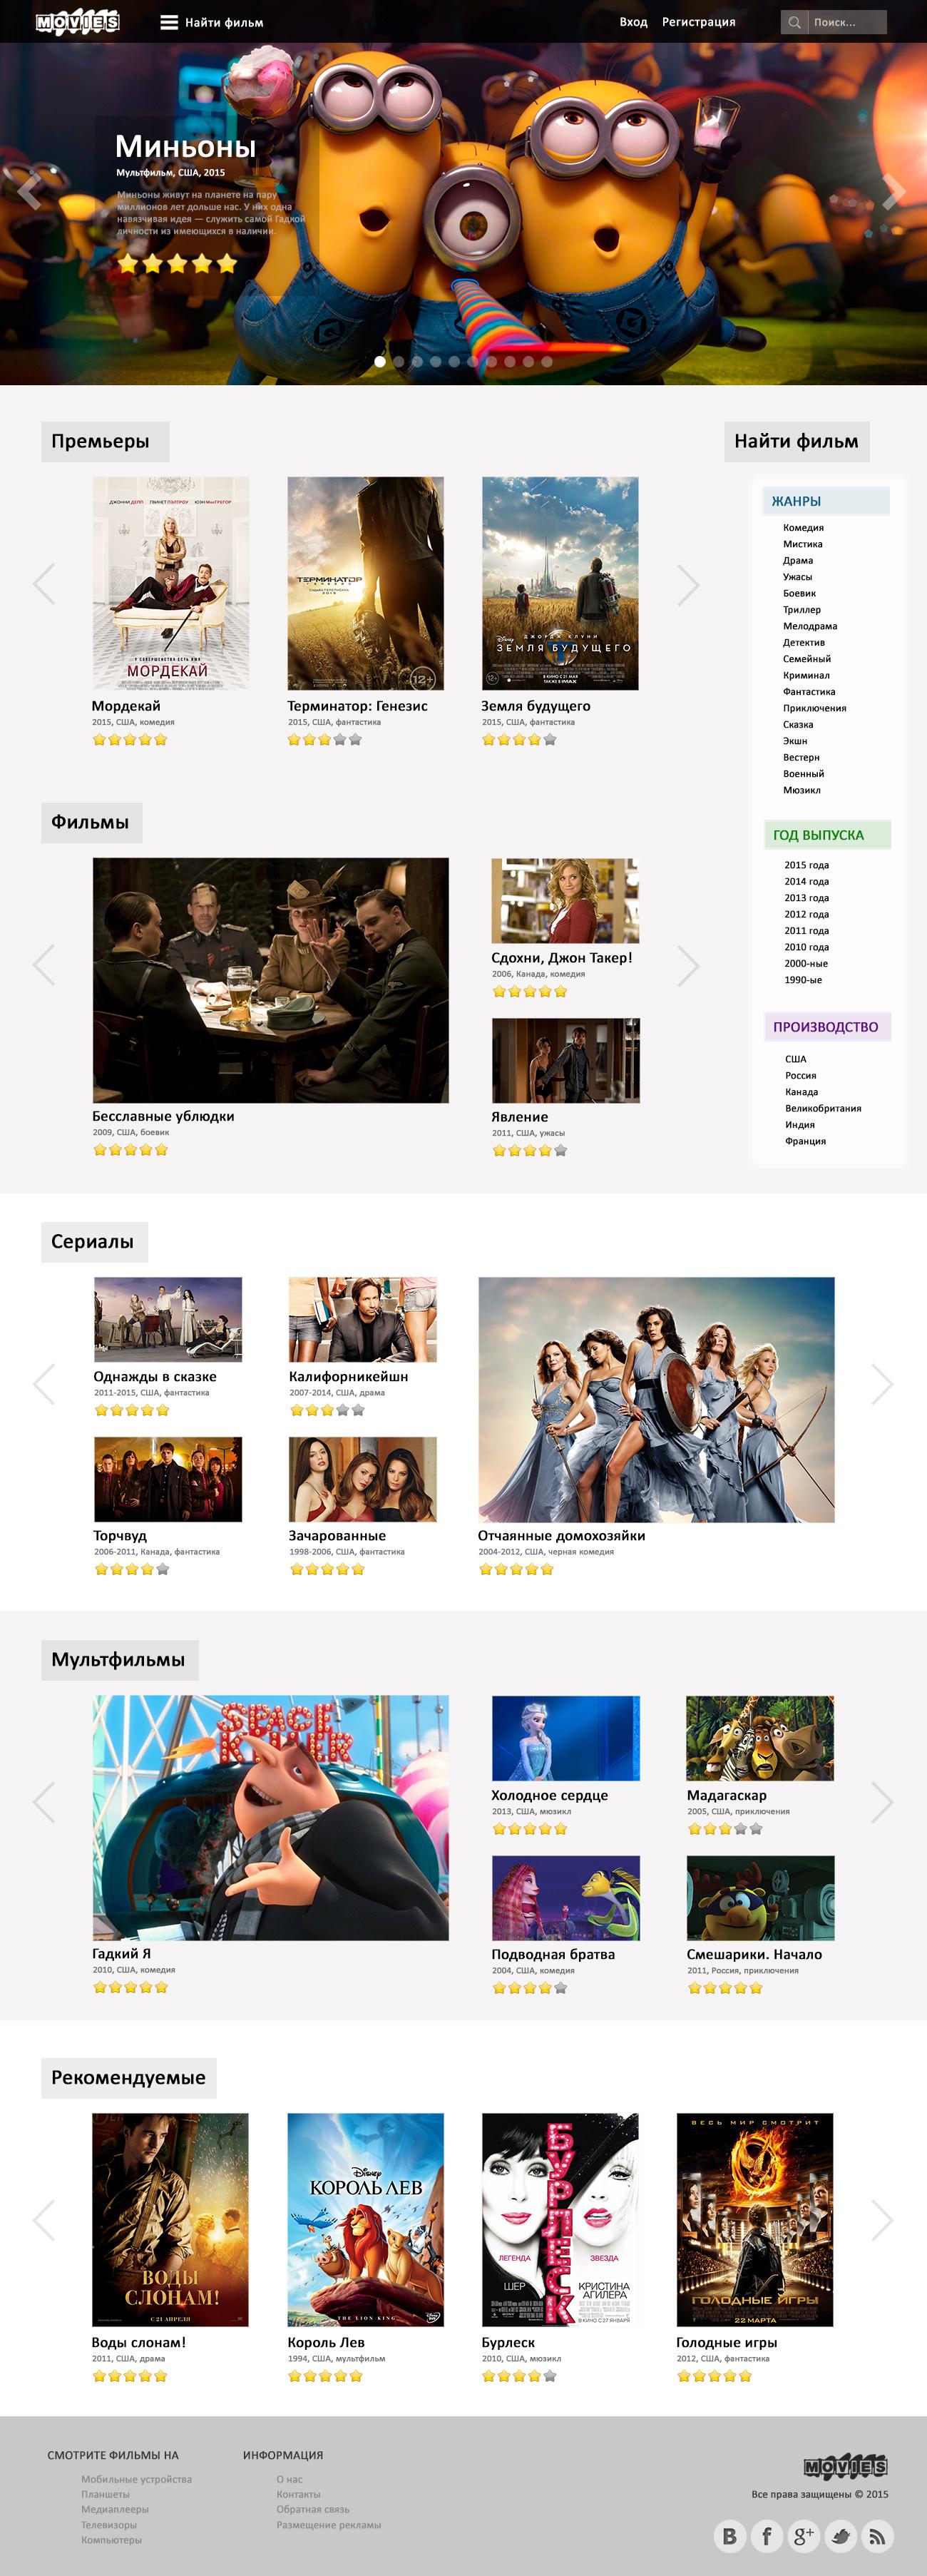 Дизайн для онлайн-кинотеатра фото f_427552996ebeda4e.jpg